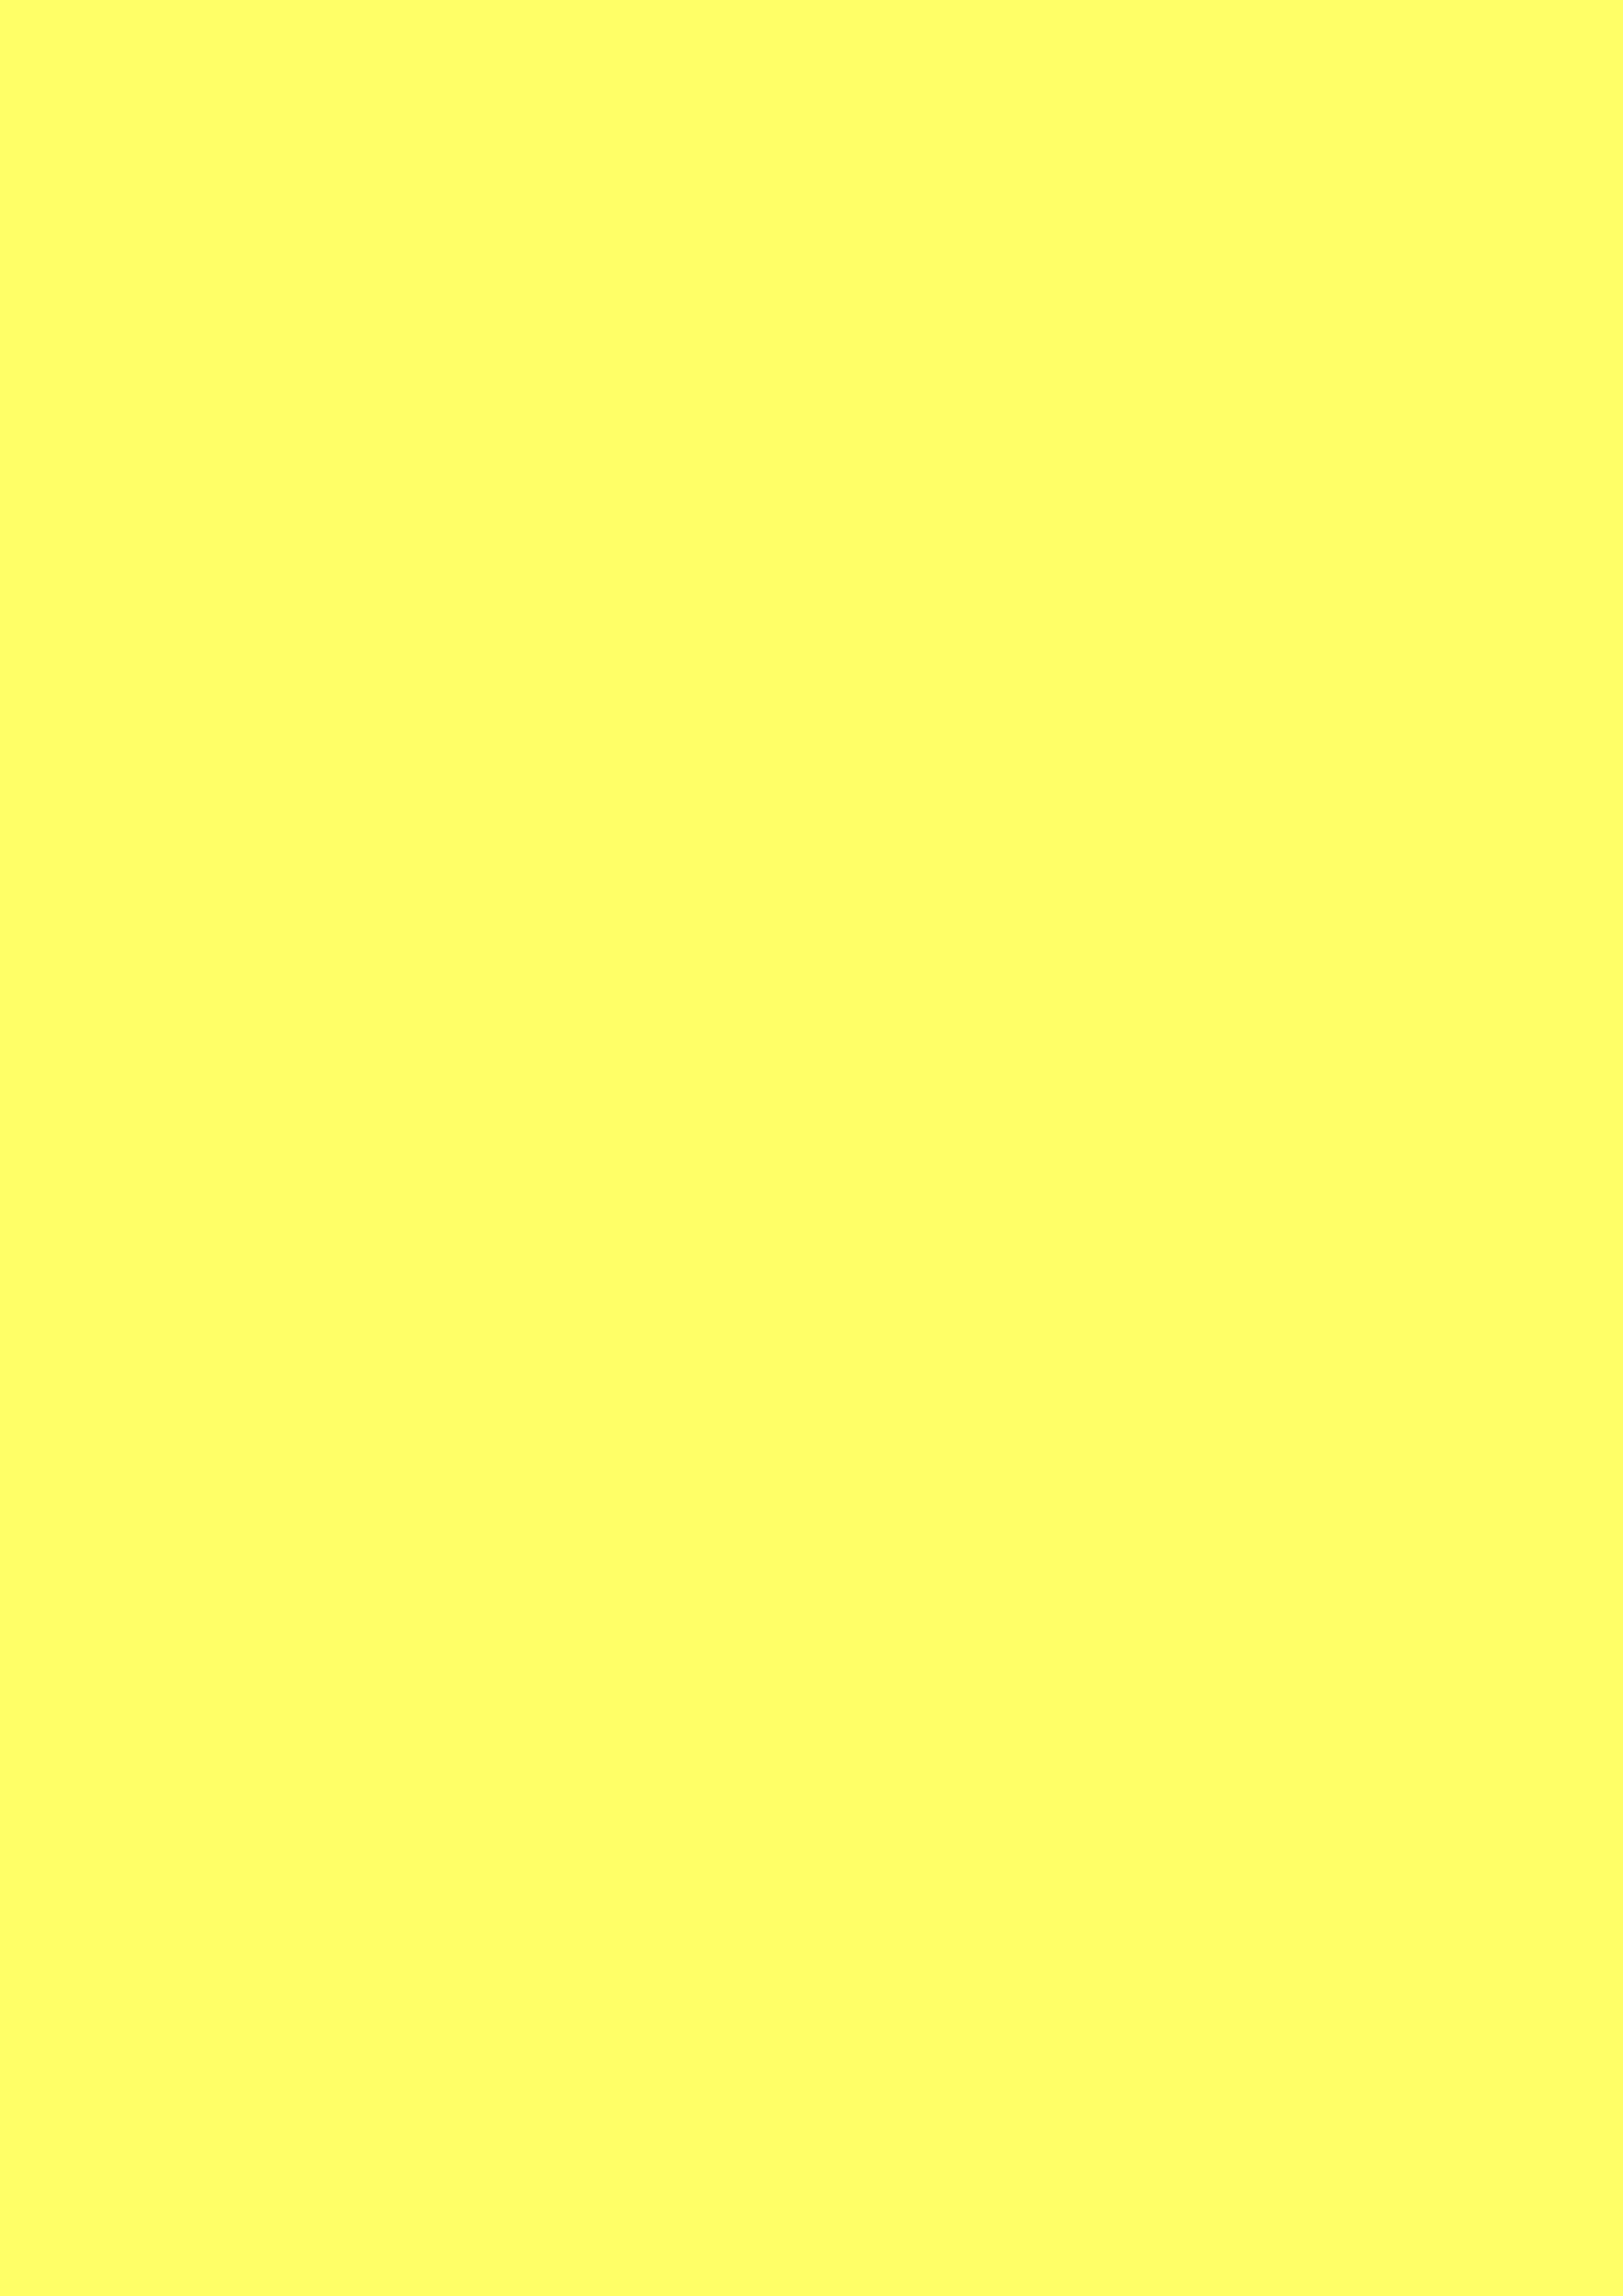 2480x3508 Laser Lemon Solid Color Background